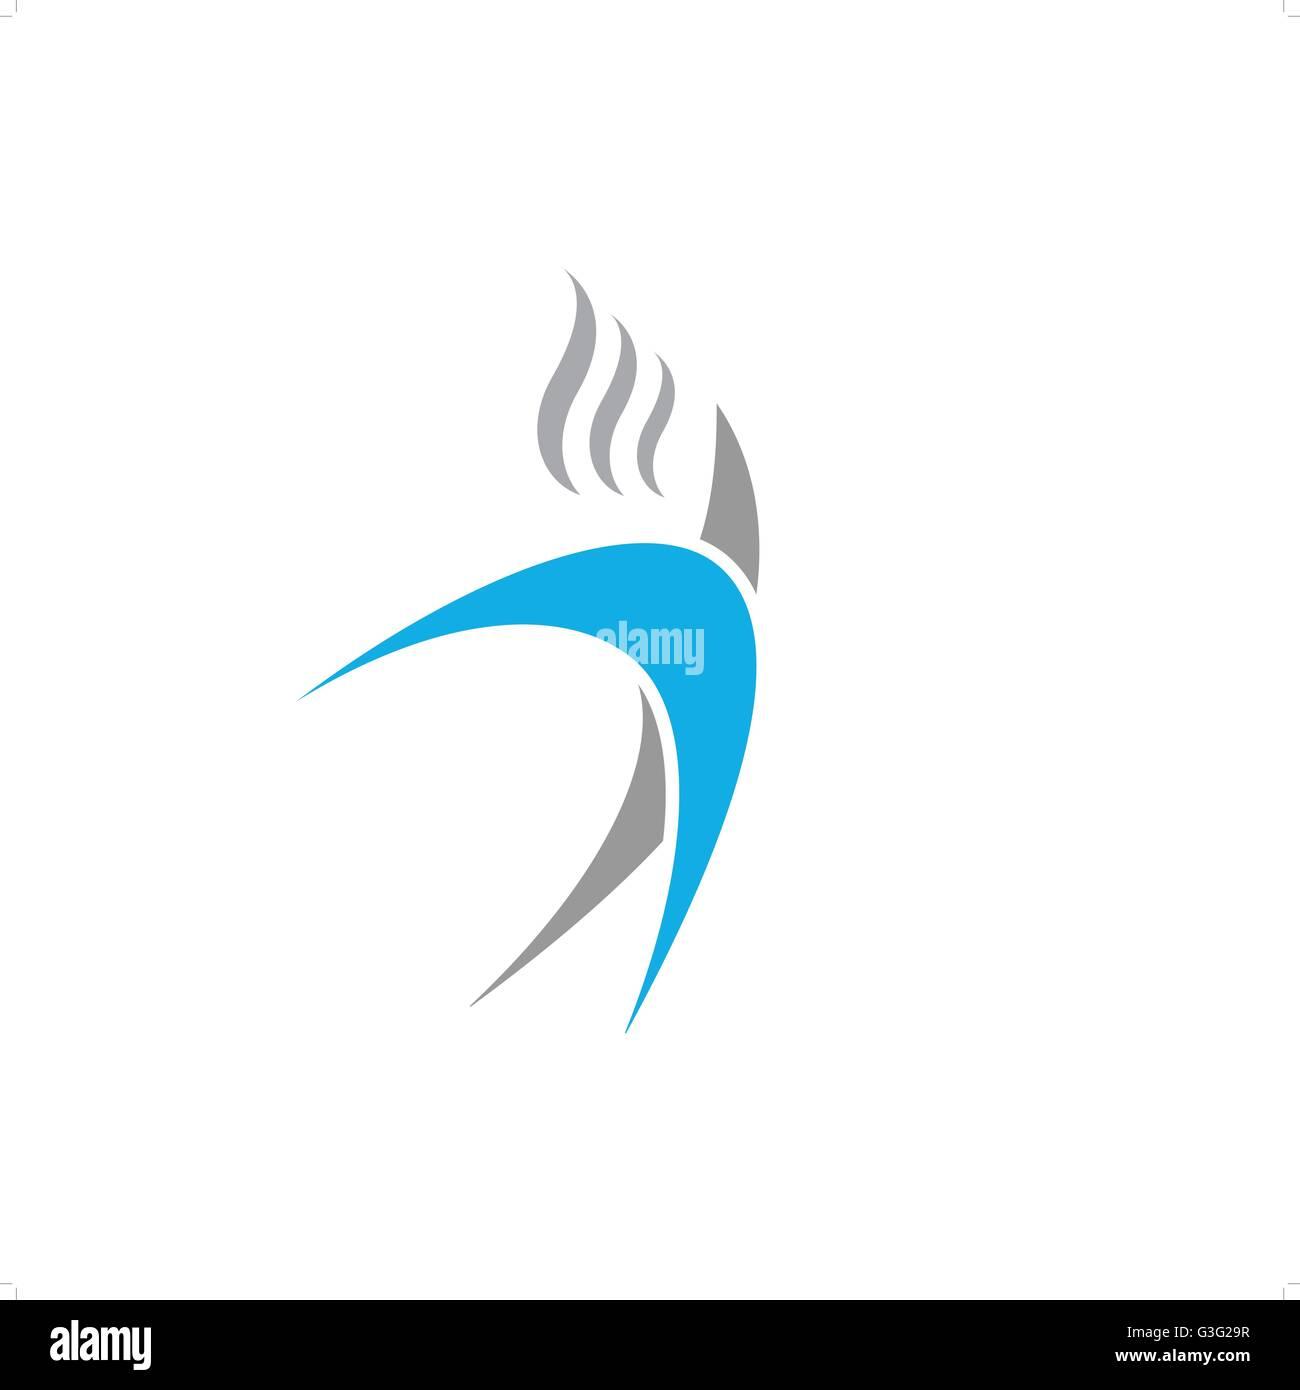 Kosmetiksalon logo  Friseur und Kosmetiksalon Zeichen branding Identität corporate Logo ...